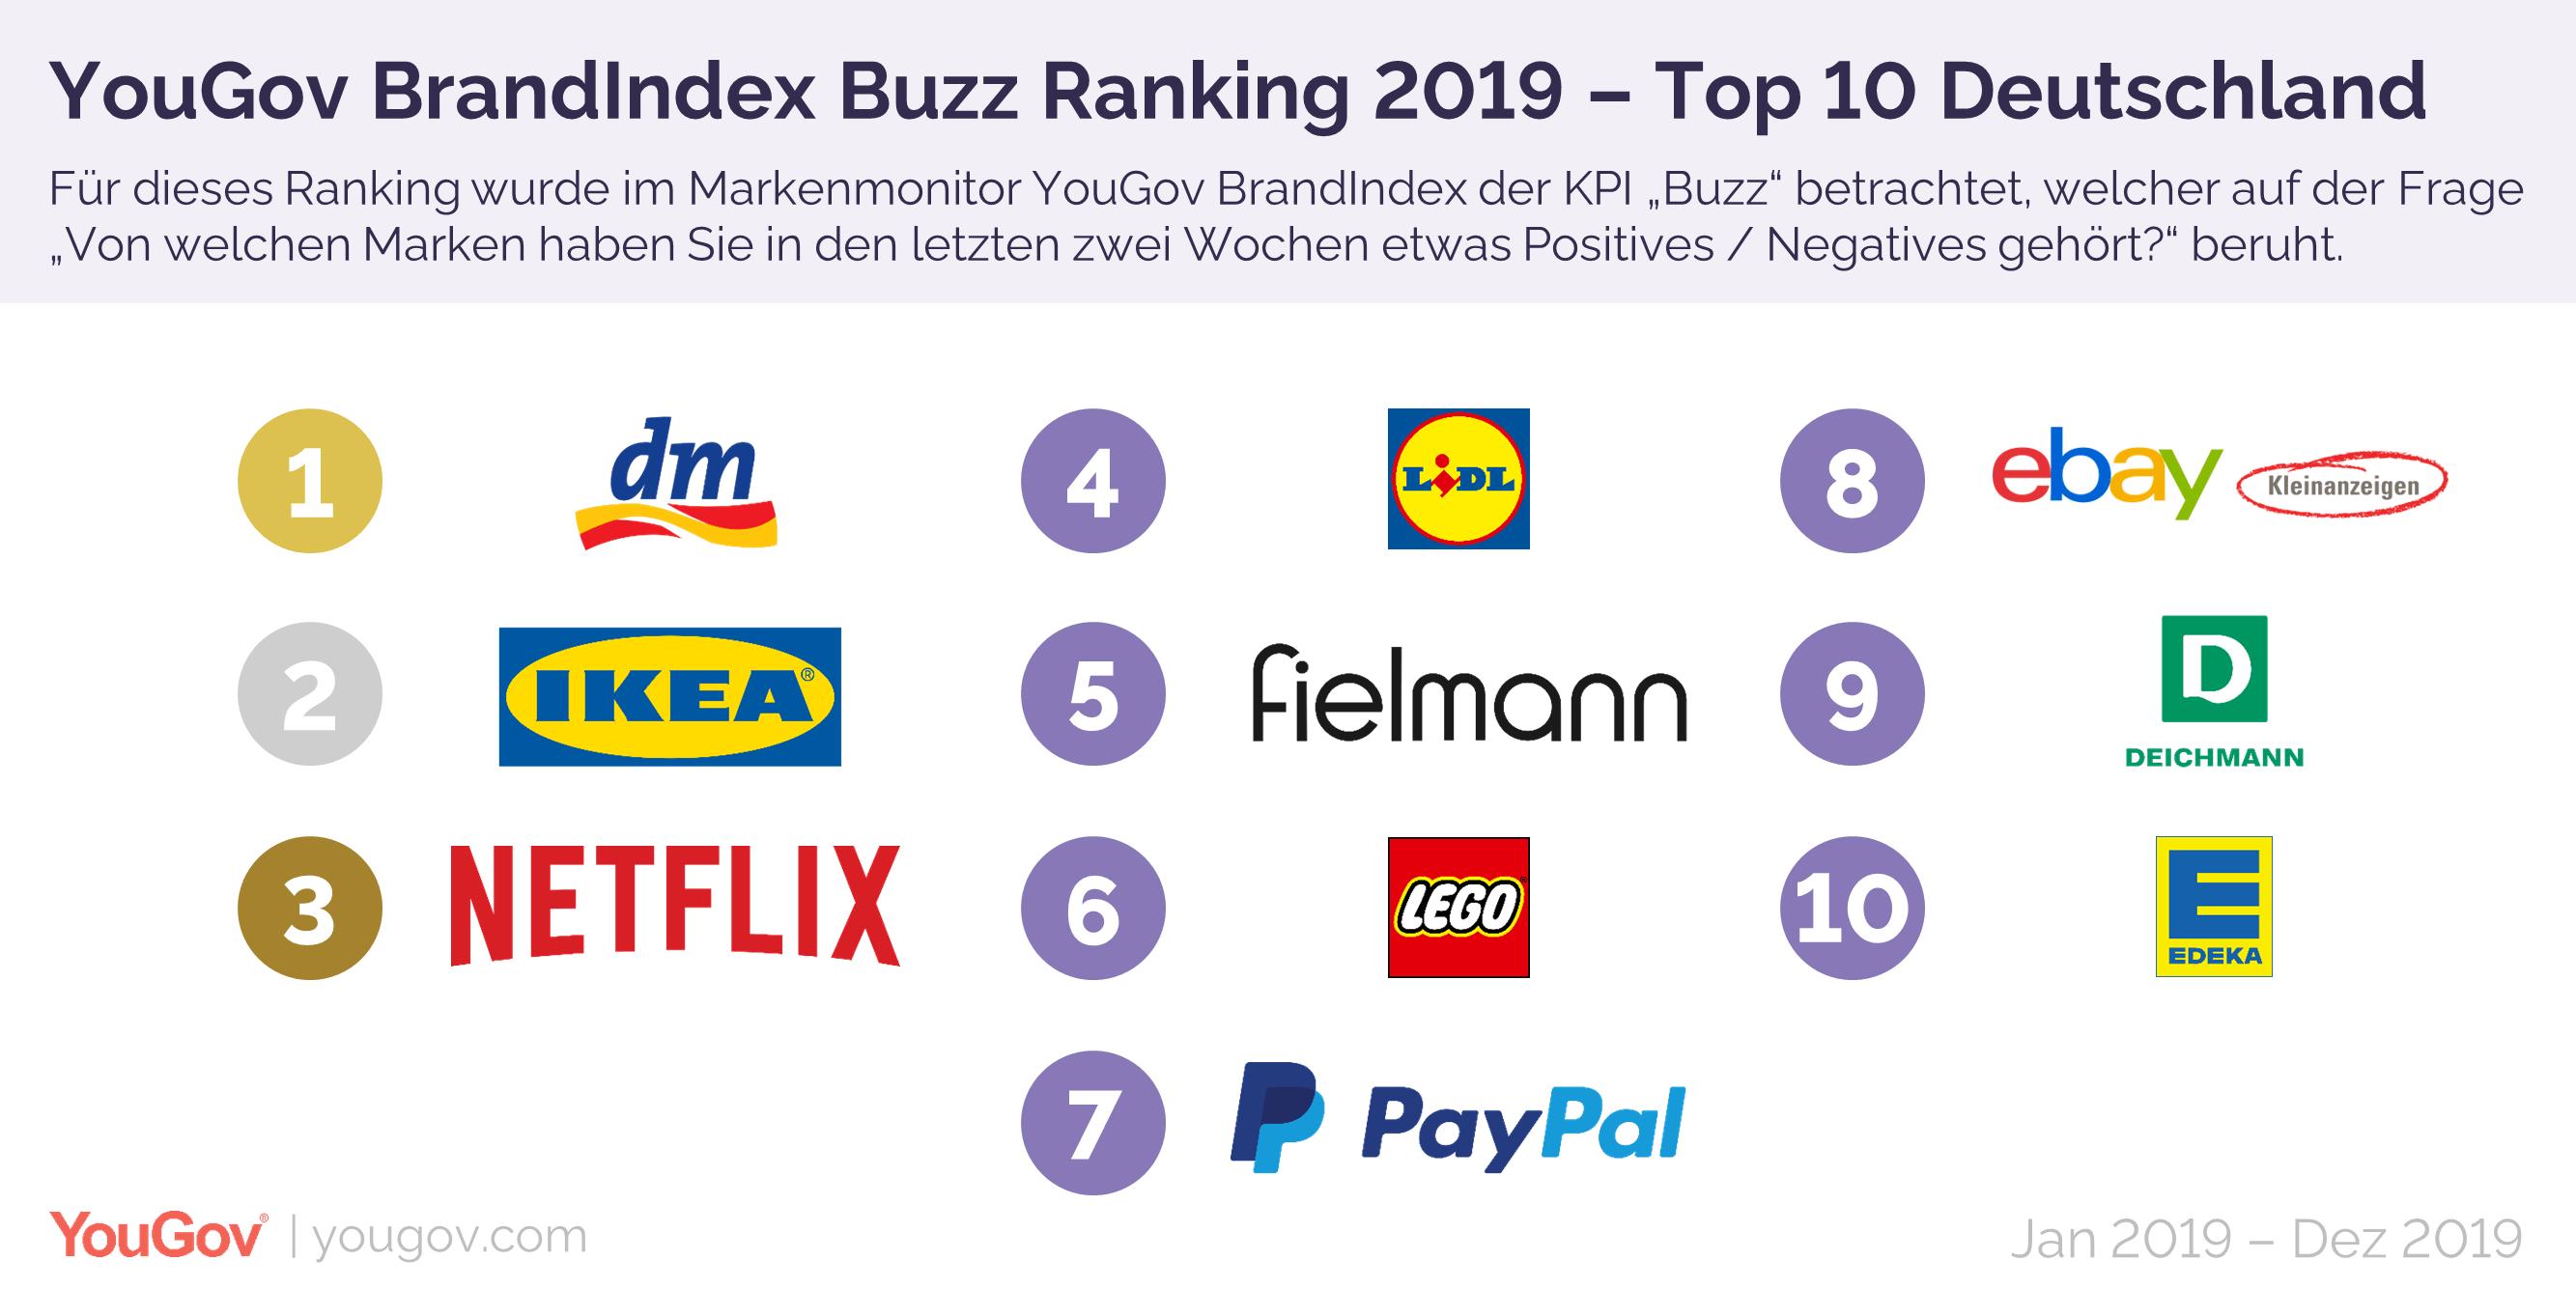 Top 10 bekannteste Marken in Deutschland - PR-Blog